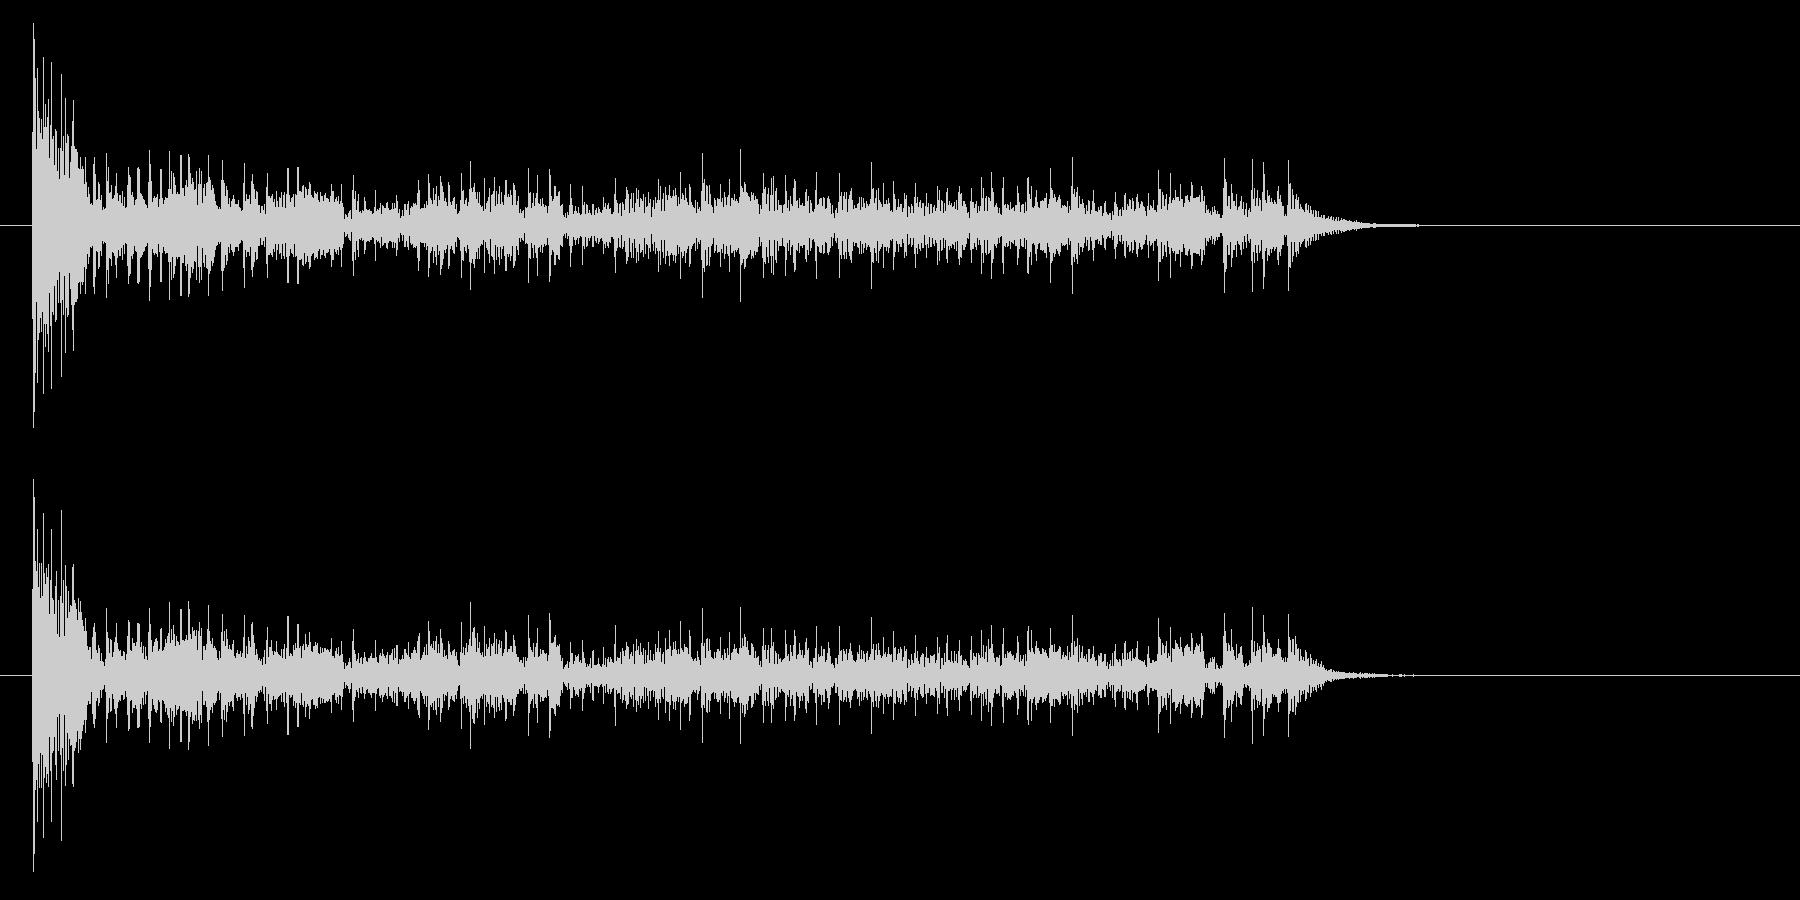 結果発表ドコドコ・ロール10秒シンバル無の未再生の波形